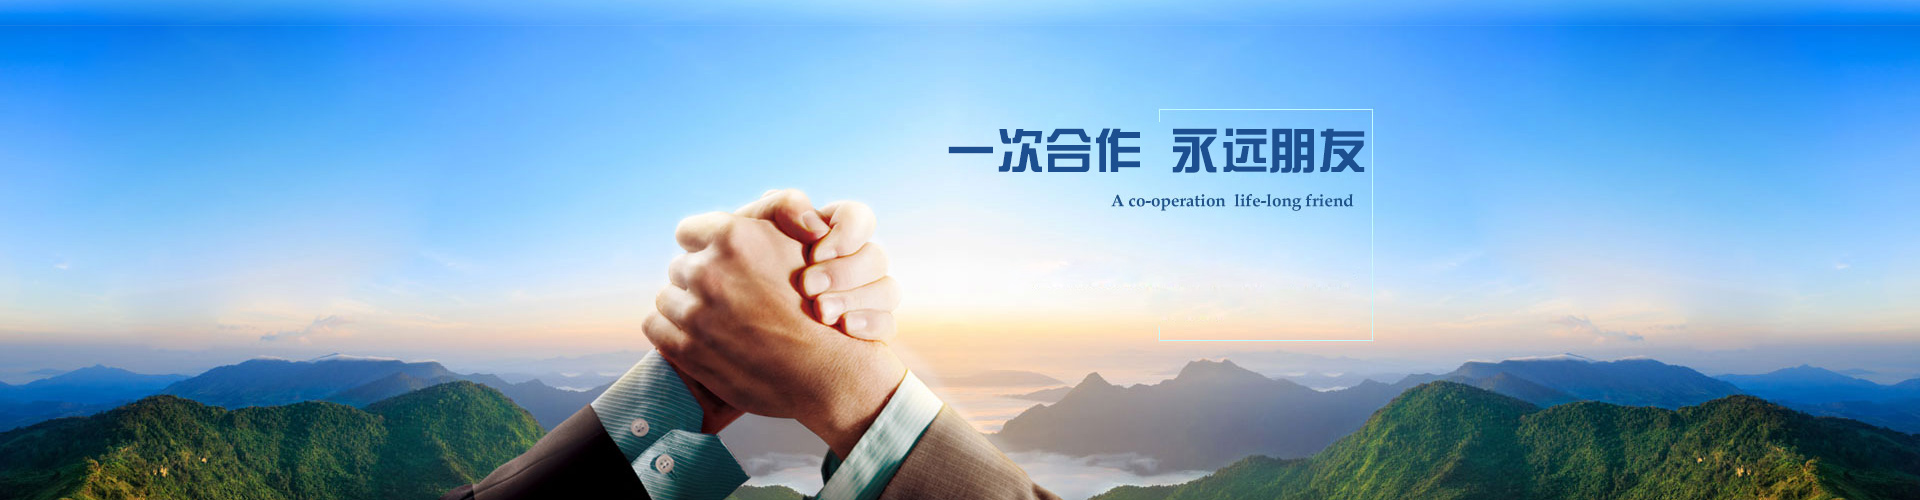 廈門恩知企業咨詢服務有限公司